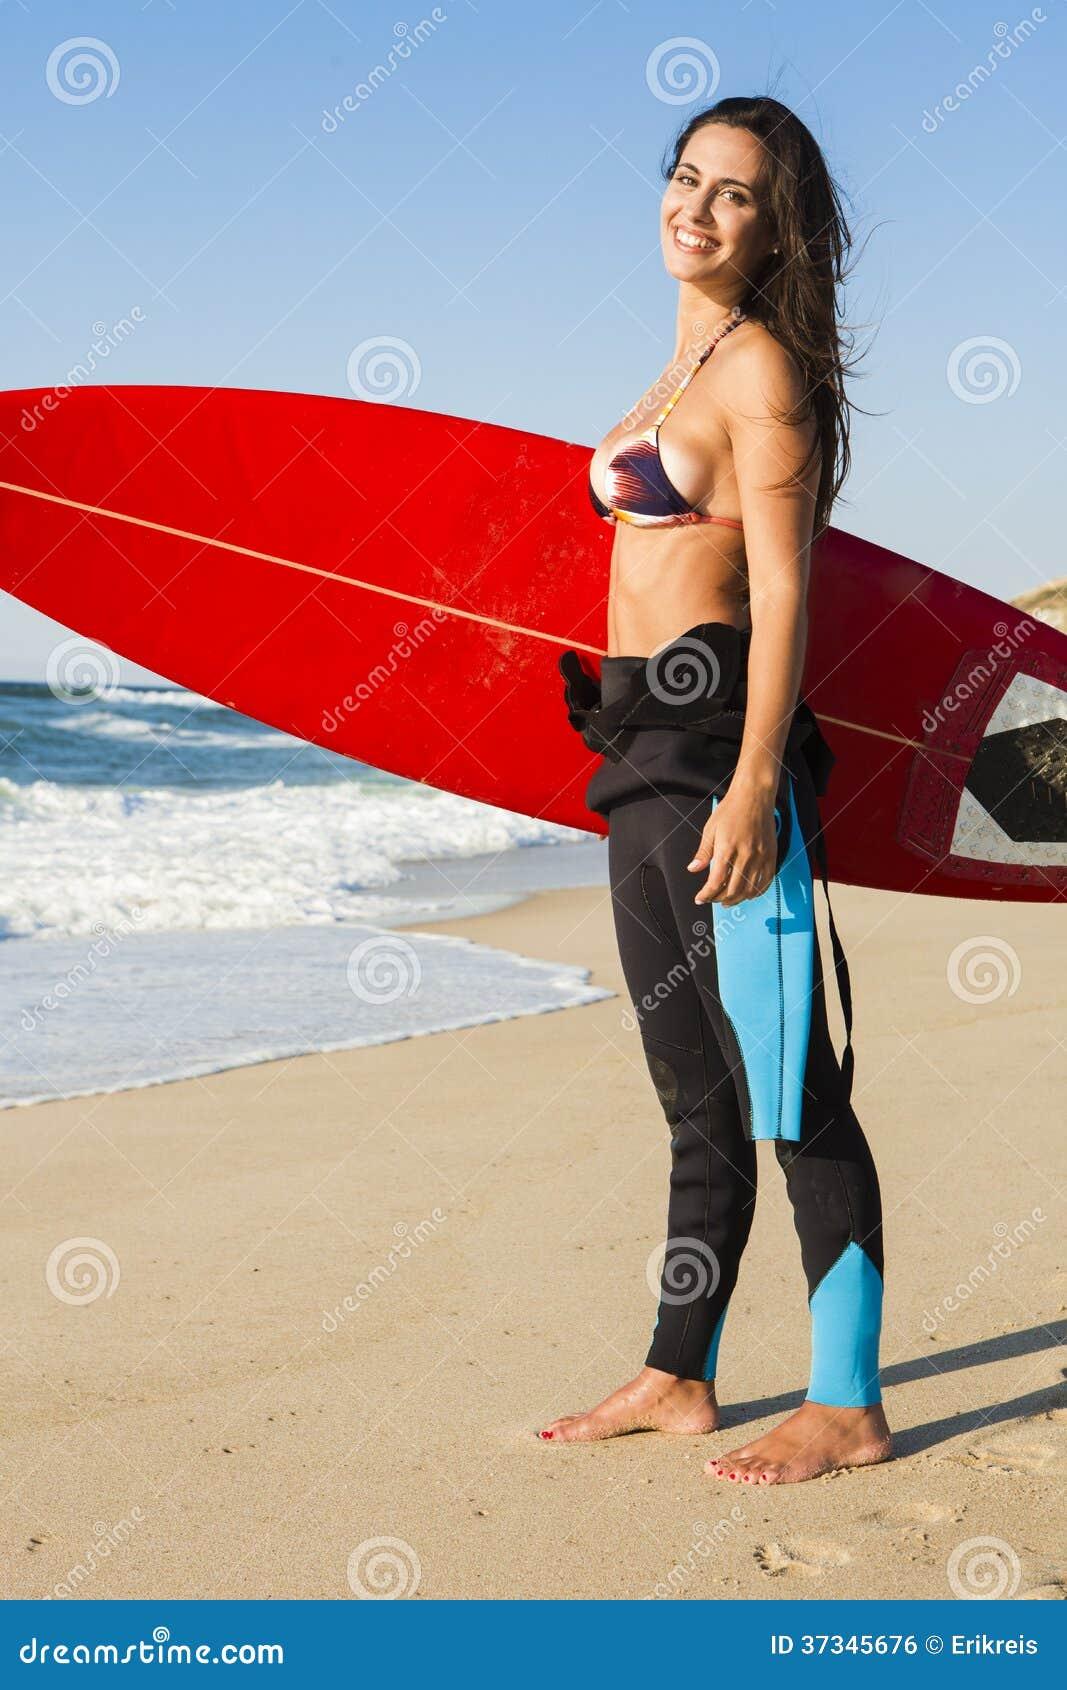 Surfermädchen mit ihrem Surfbrett